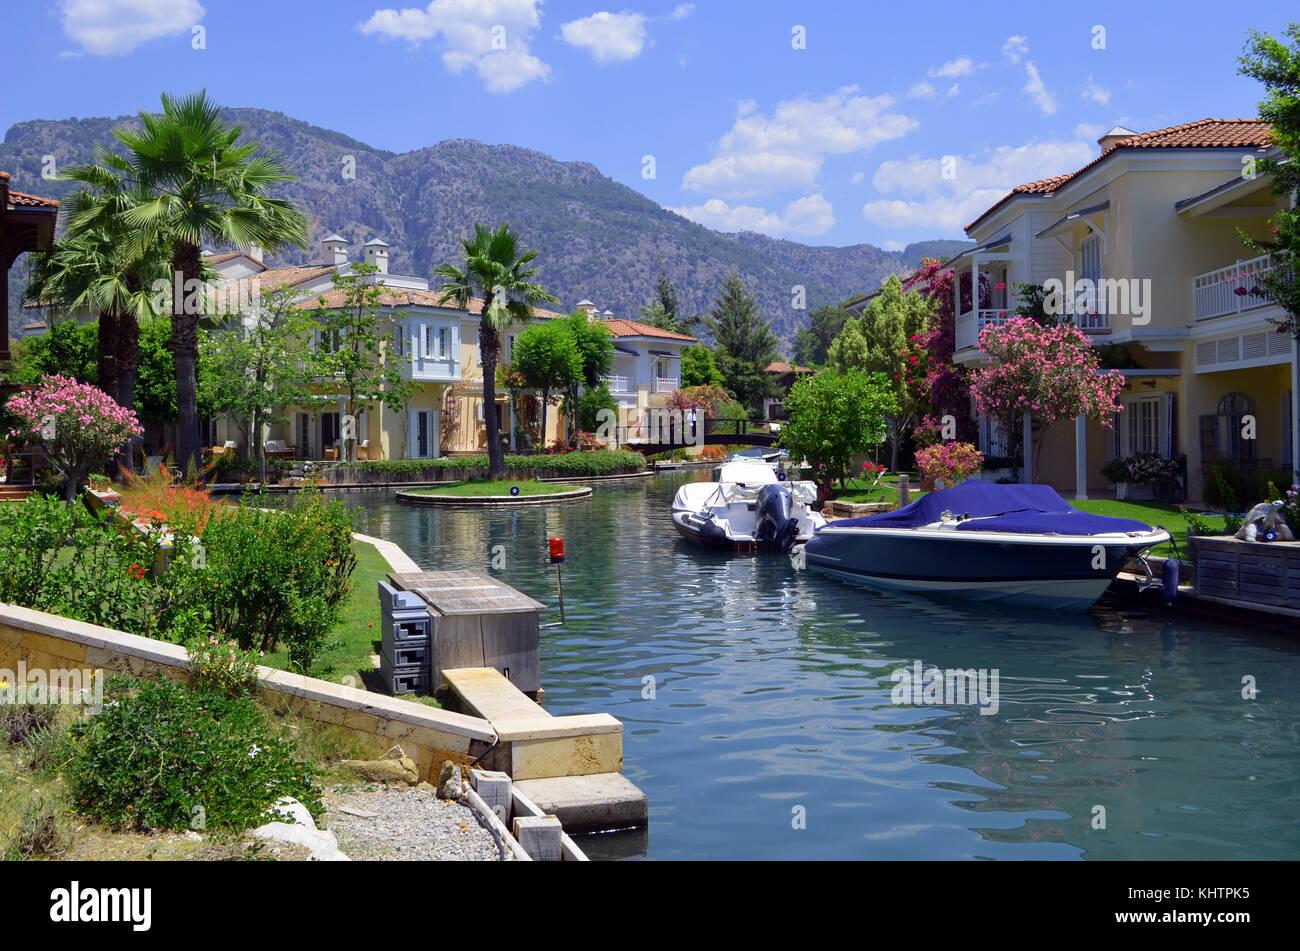 Casas de veraneo y lanchas cerca del río, cerca del mar Mediterráneo. Foto de stock